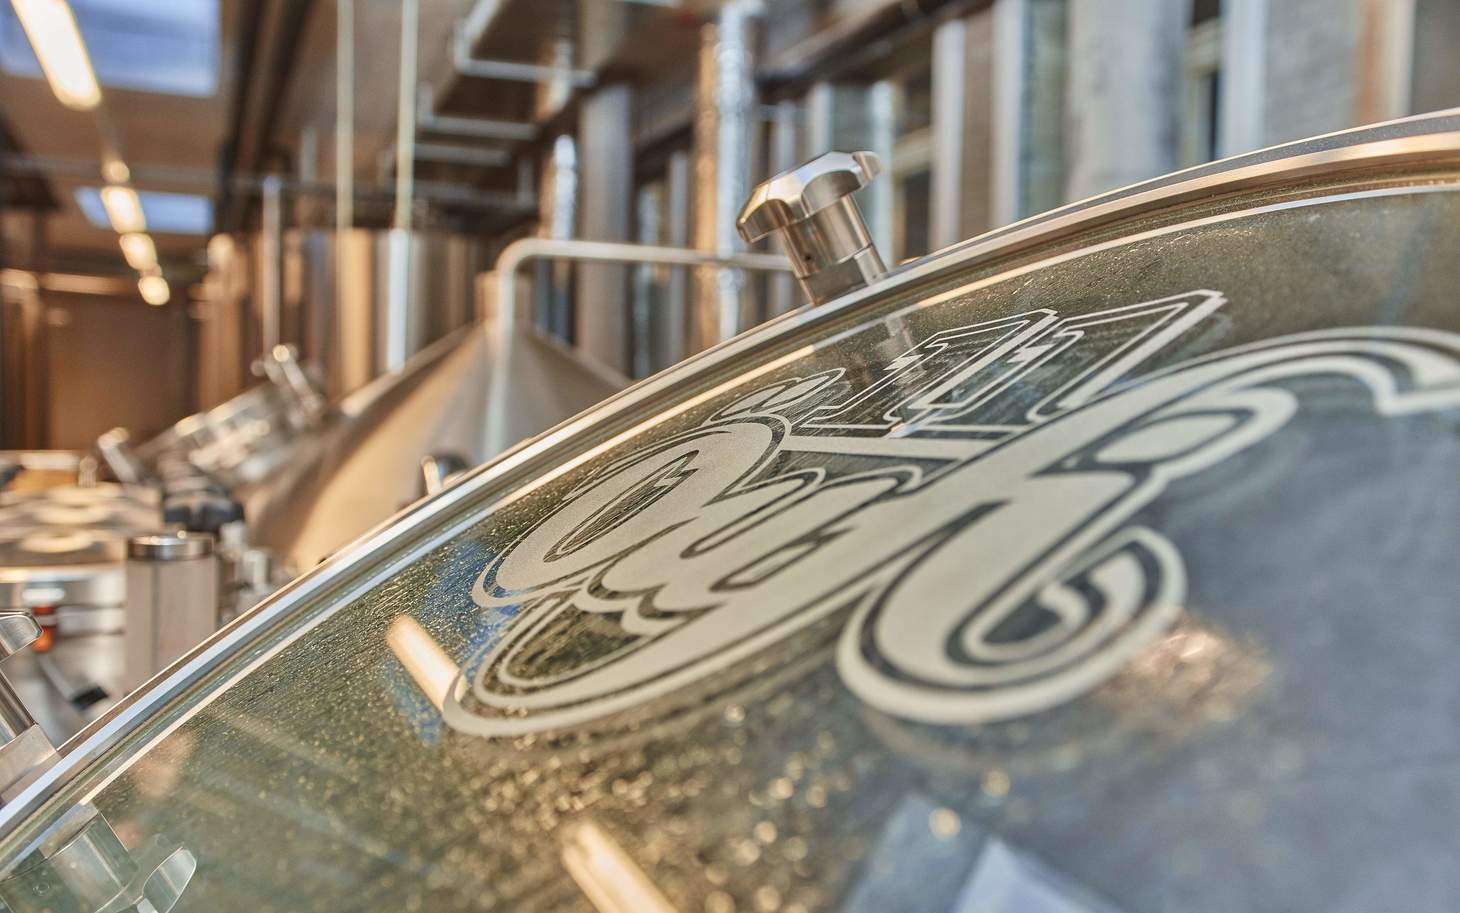 Braukessel in der Öufi Brauerei Solothurn